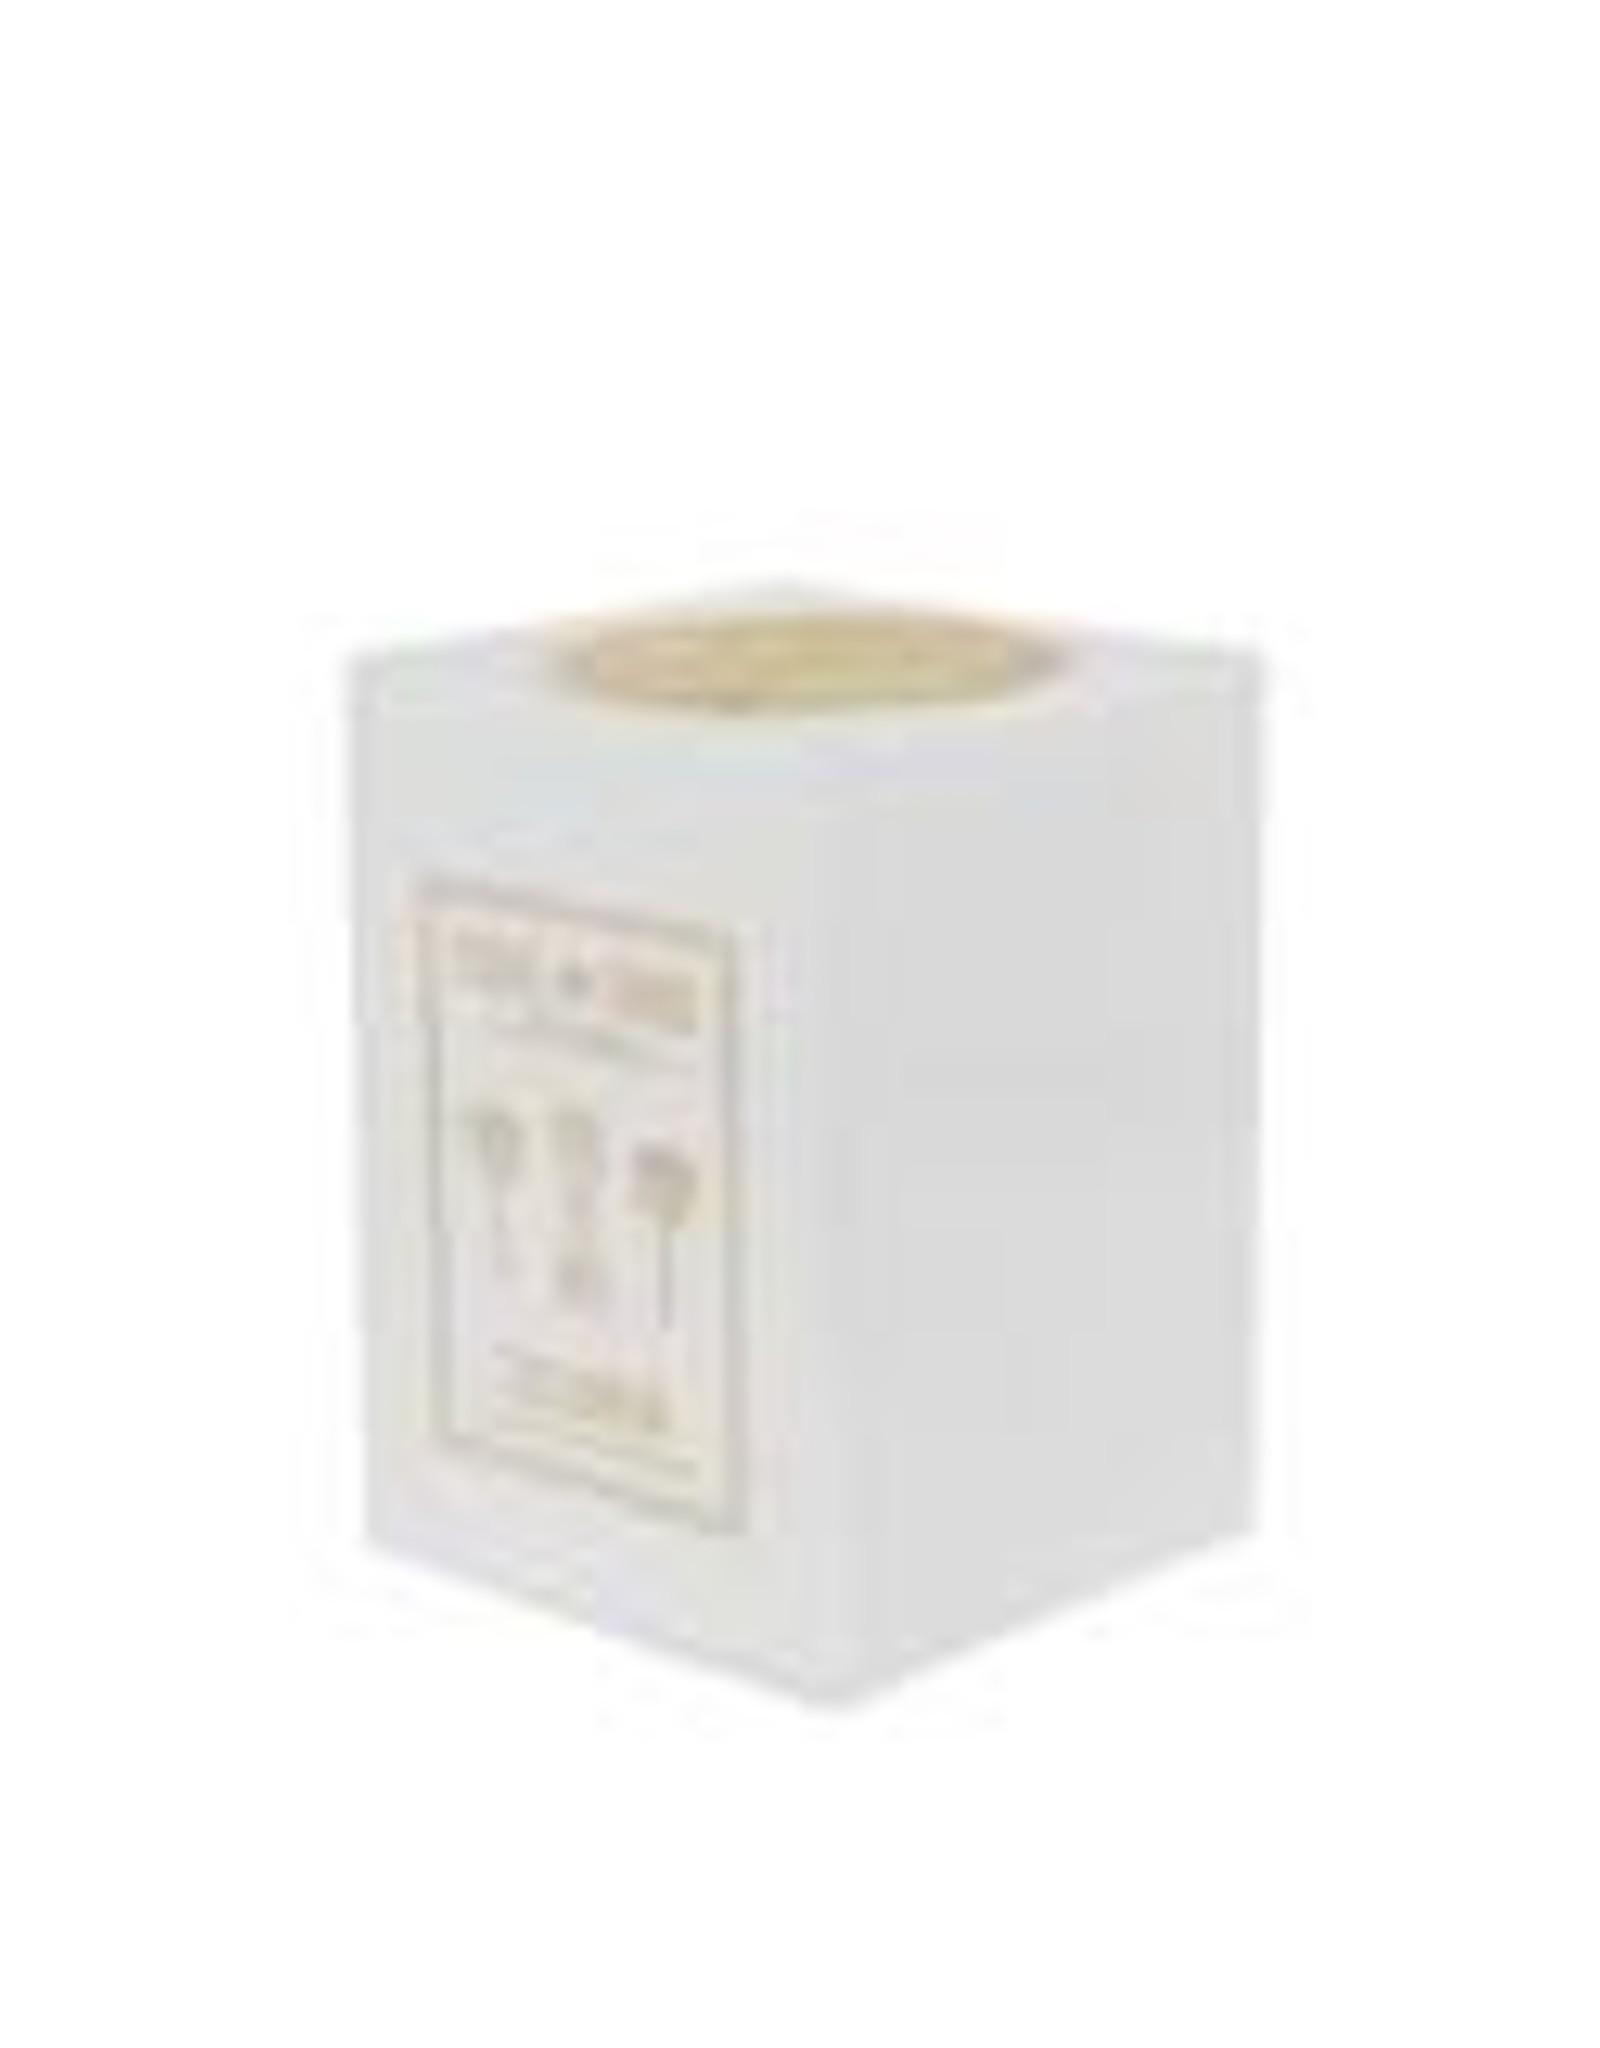 Coqui Coqui Perfumeria Flor de Naranjo candle